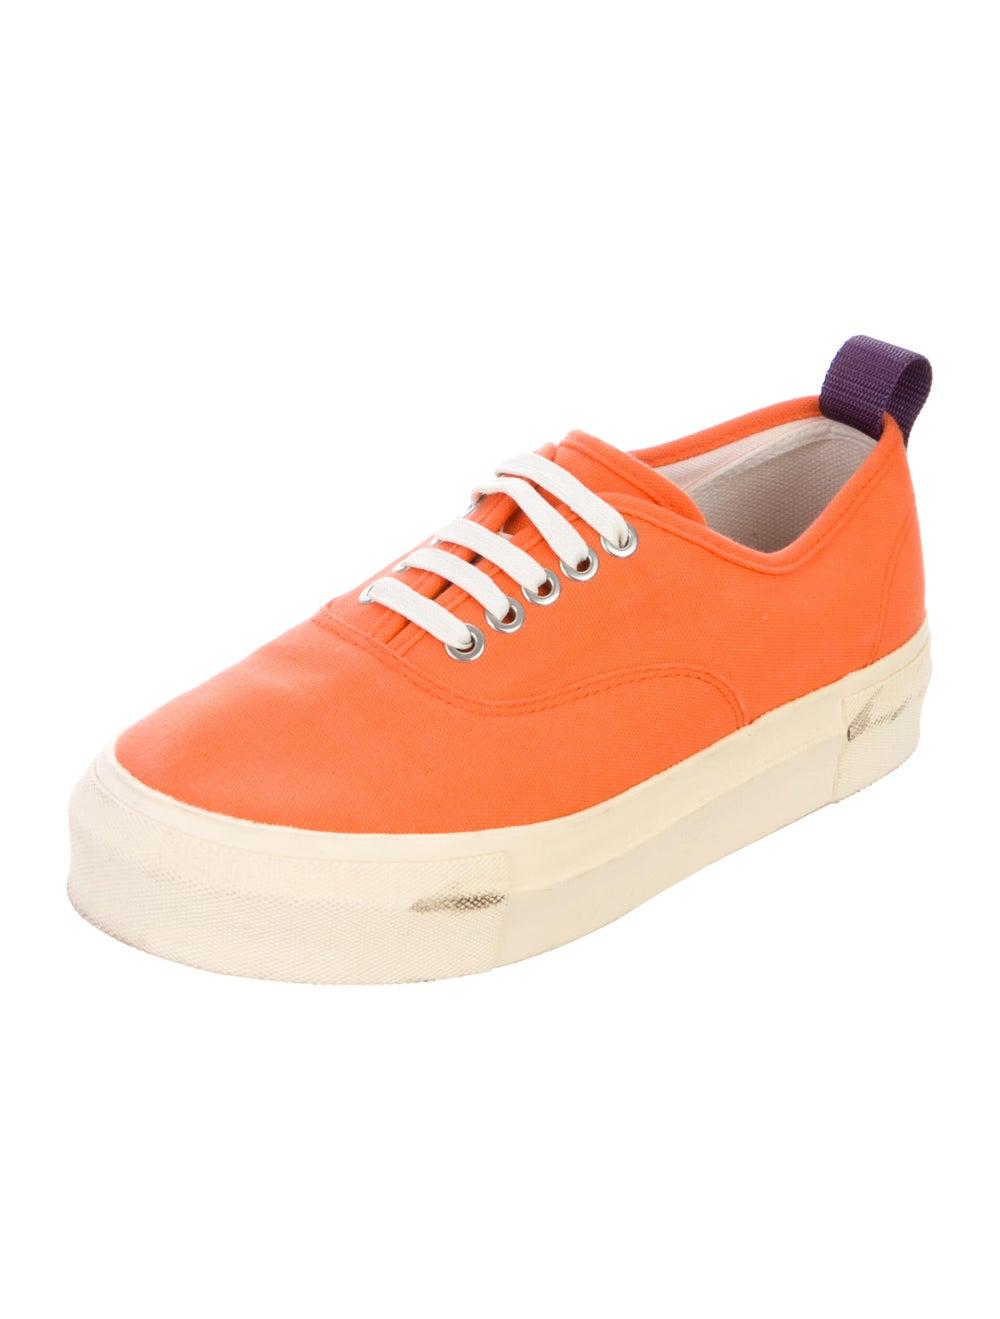 Eytys Sneakers Orange - image 2